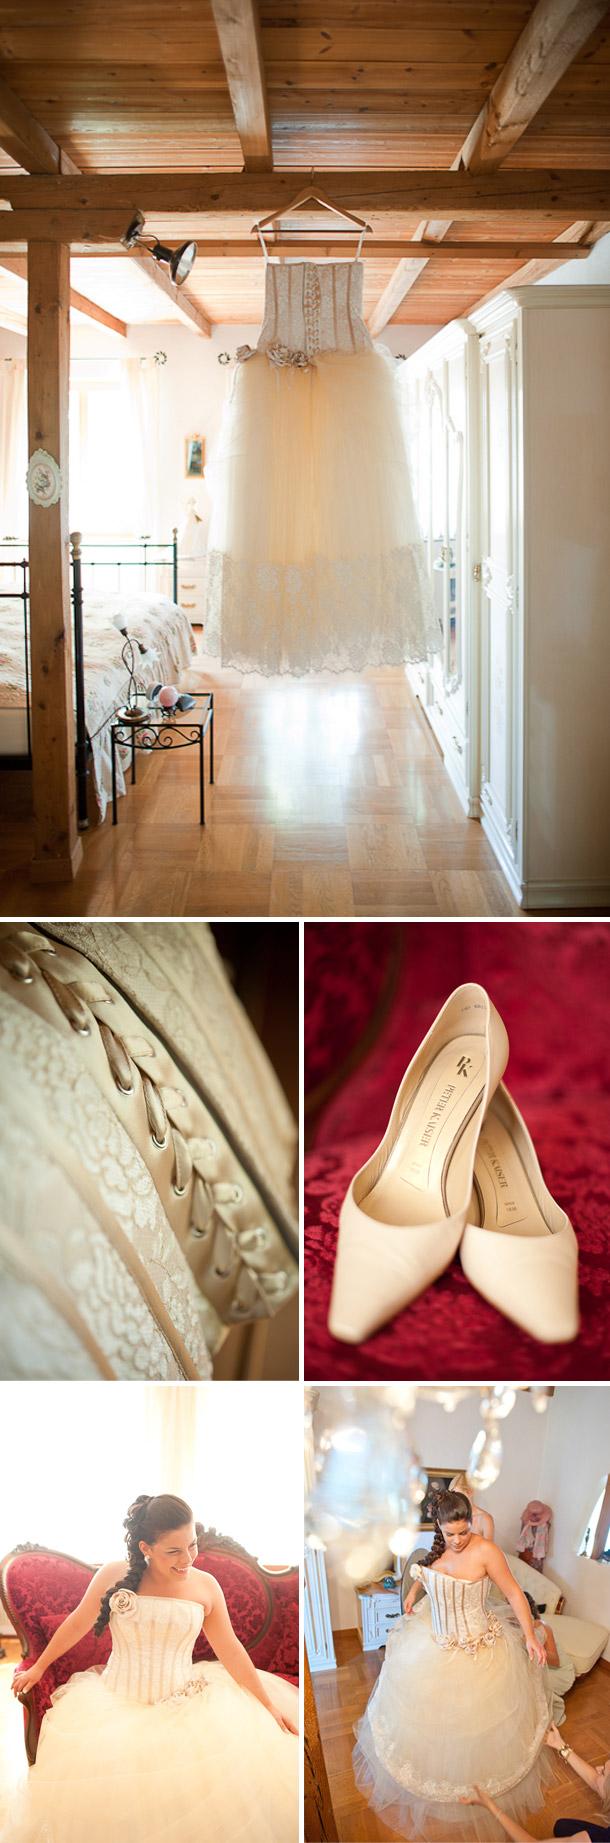 Clea und Patricks Hochzeit bei Magnus Bogucki Photography